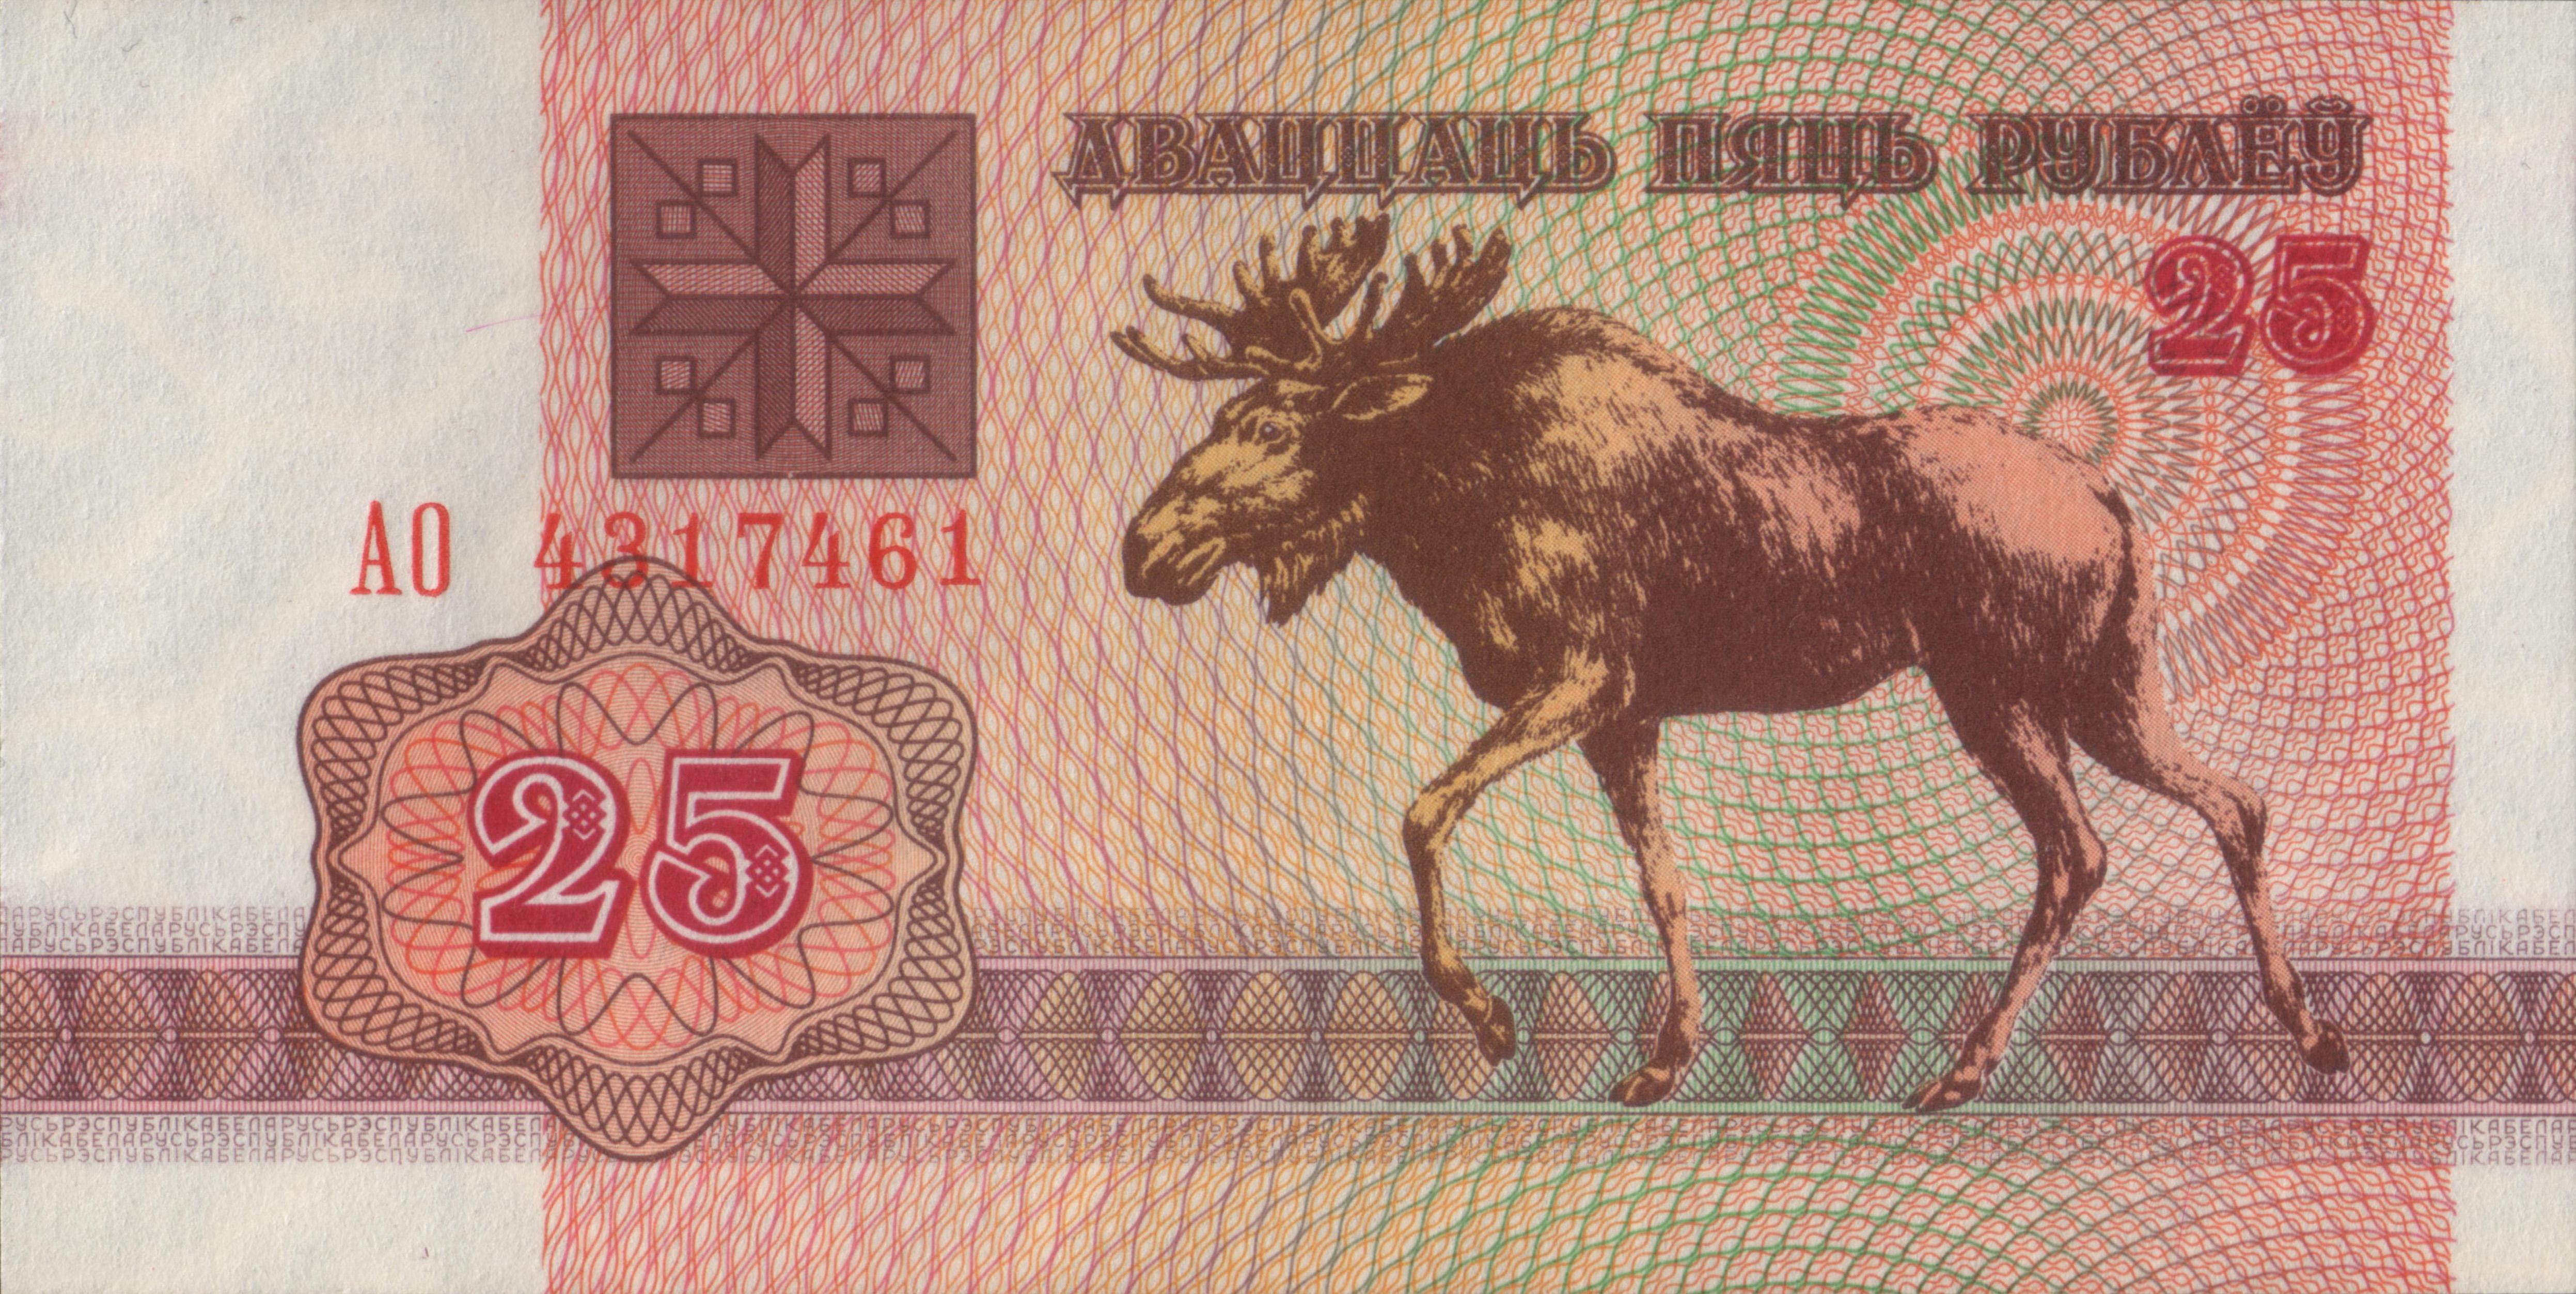 Конвертация Белорусский Рубль (BYR) и Российский Рубль (RUB